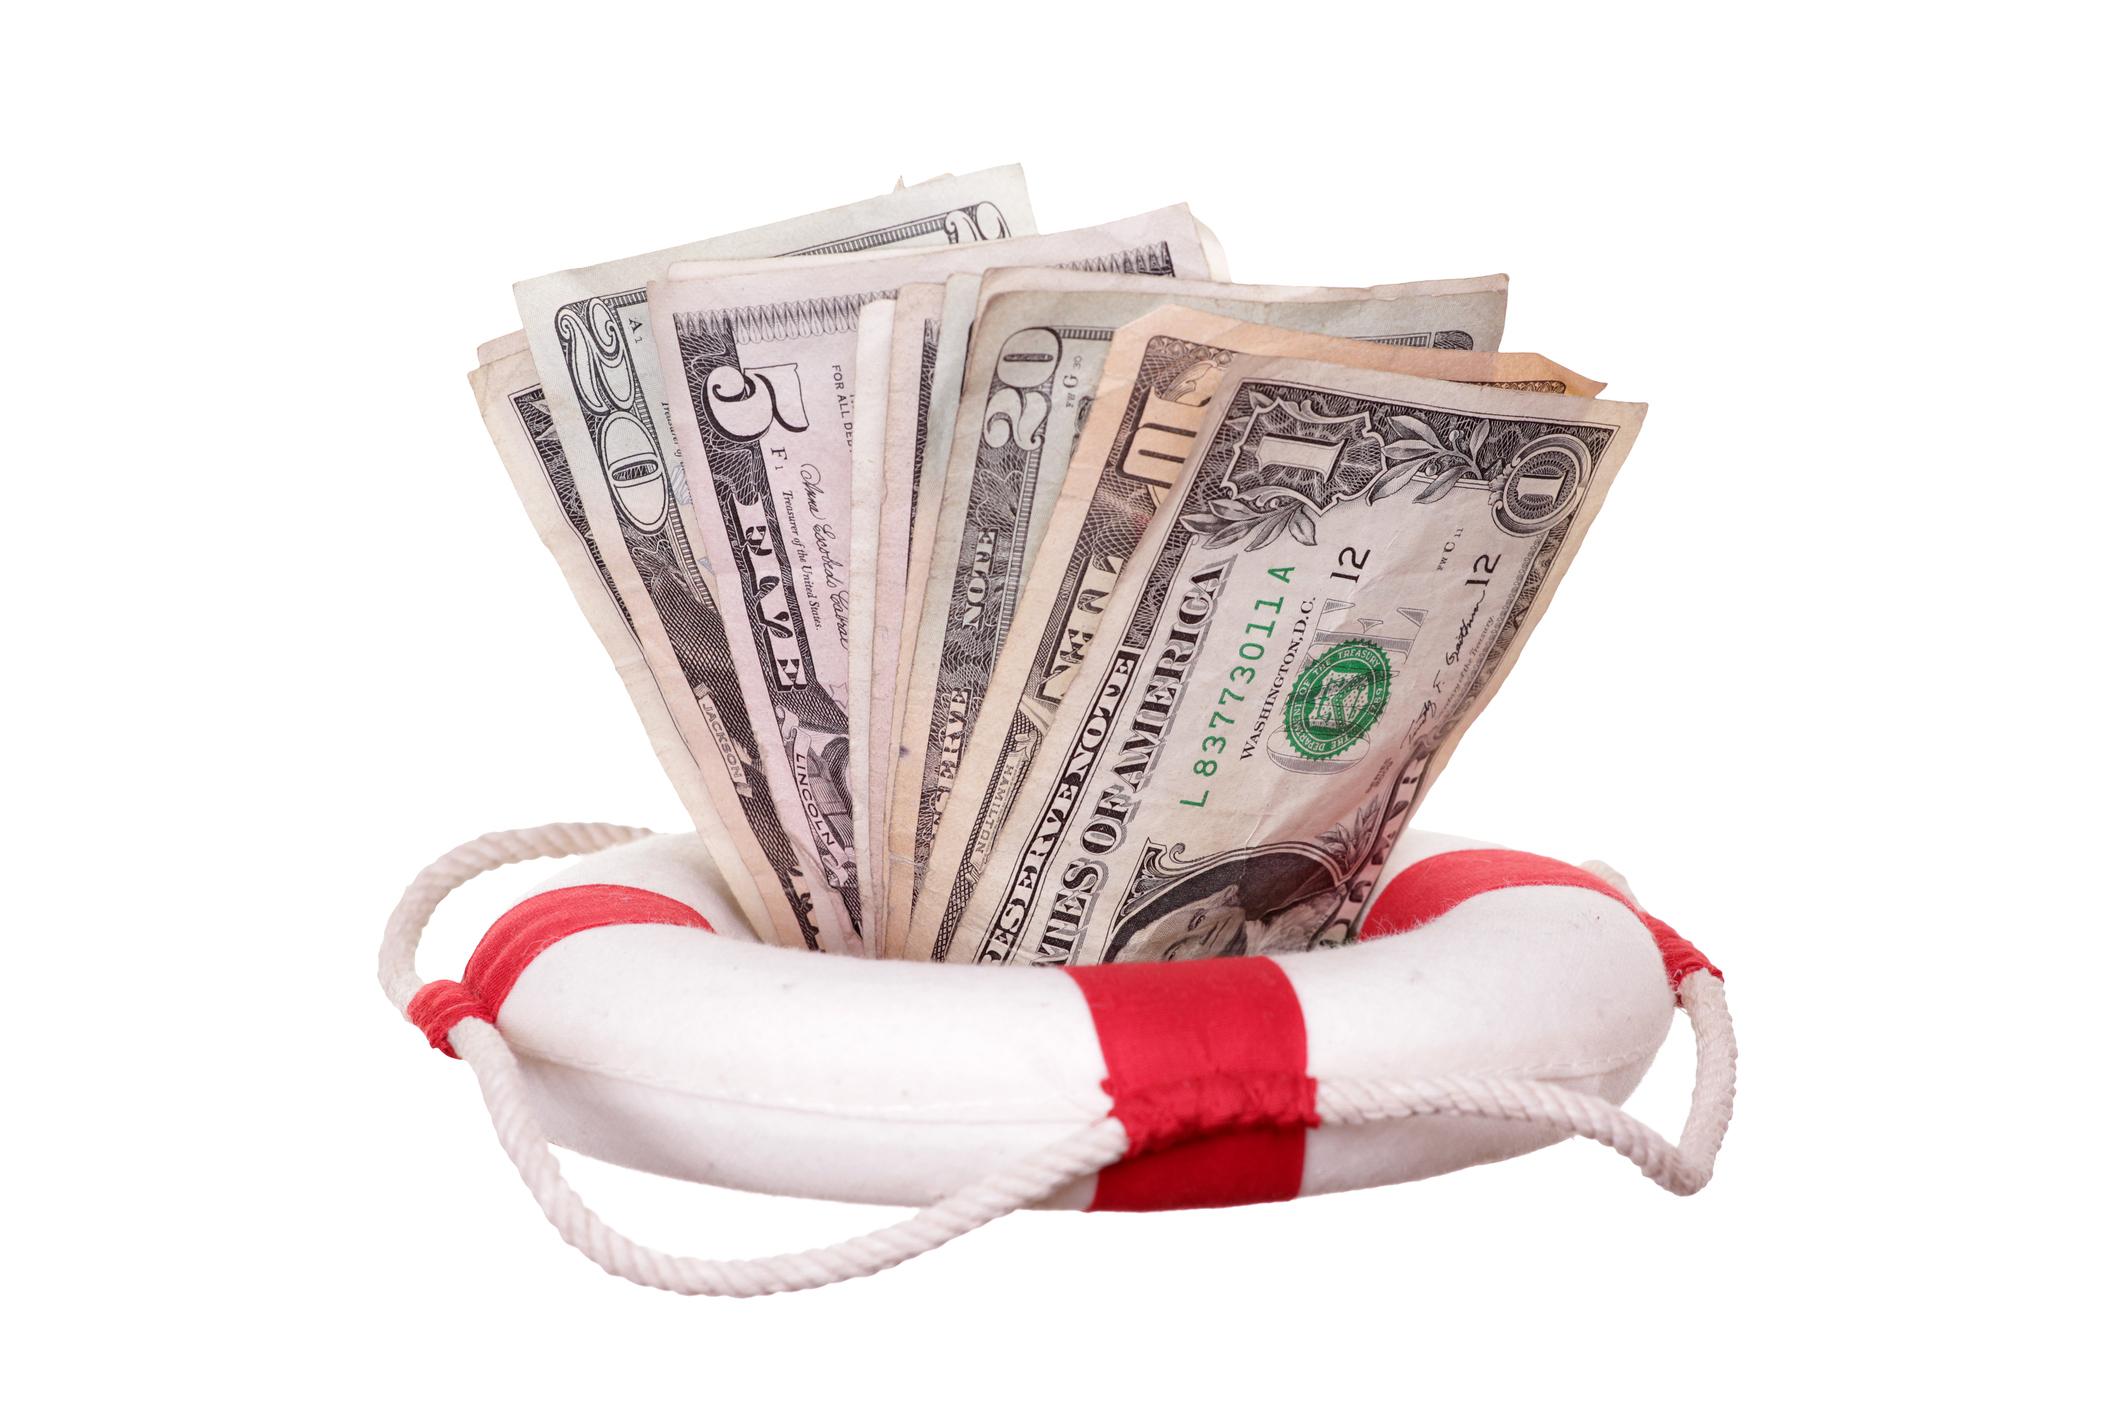 life preserver full of cash